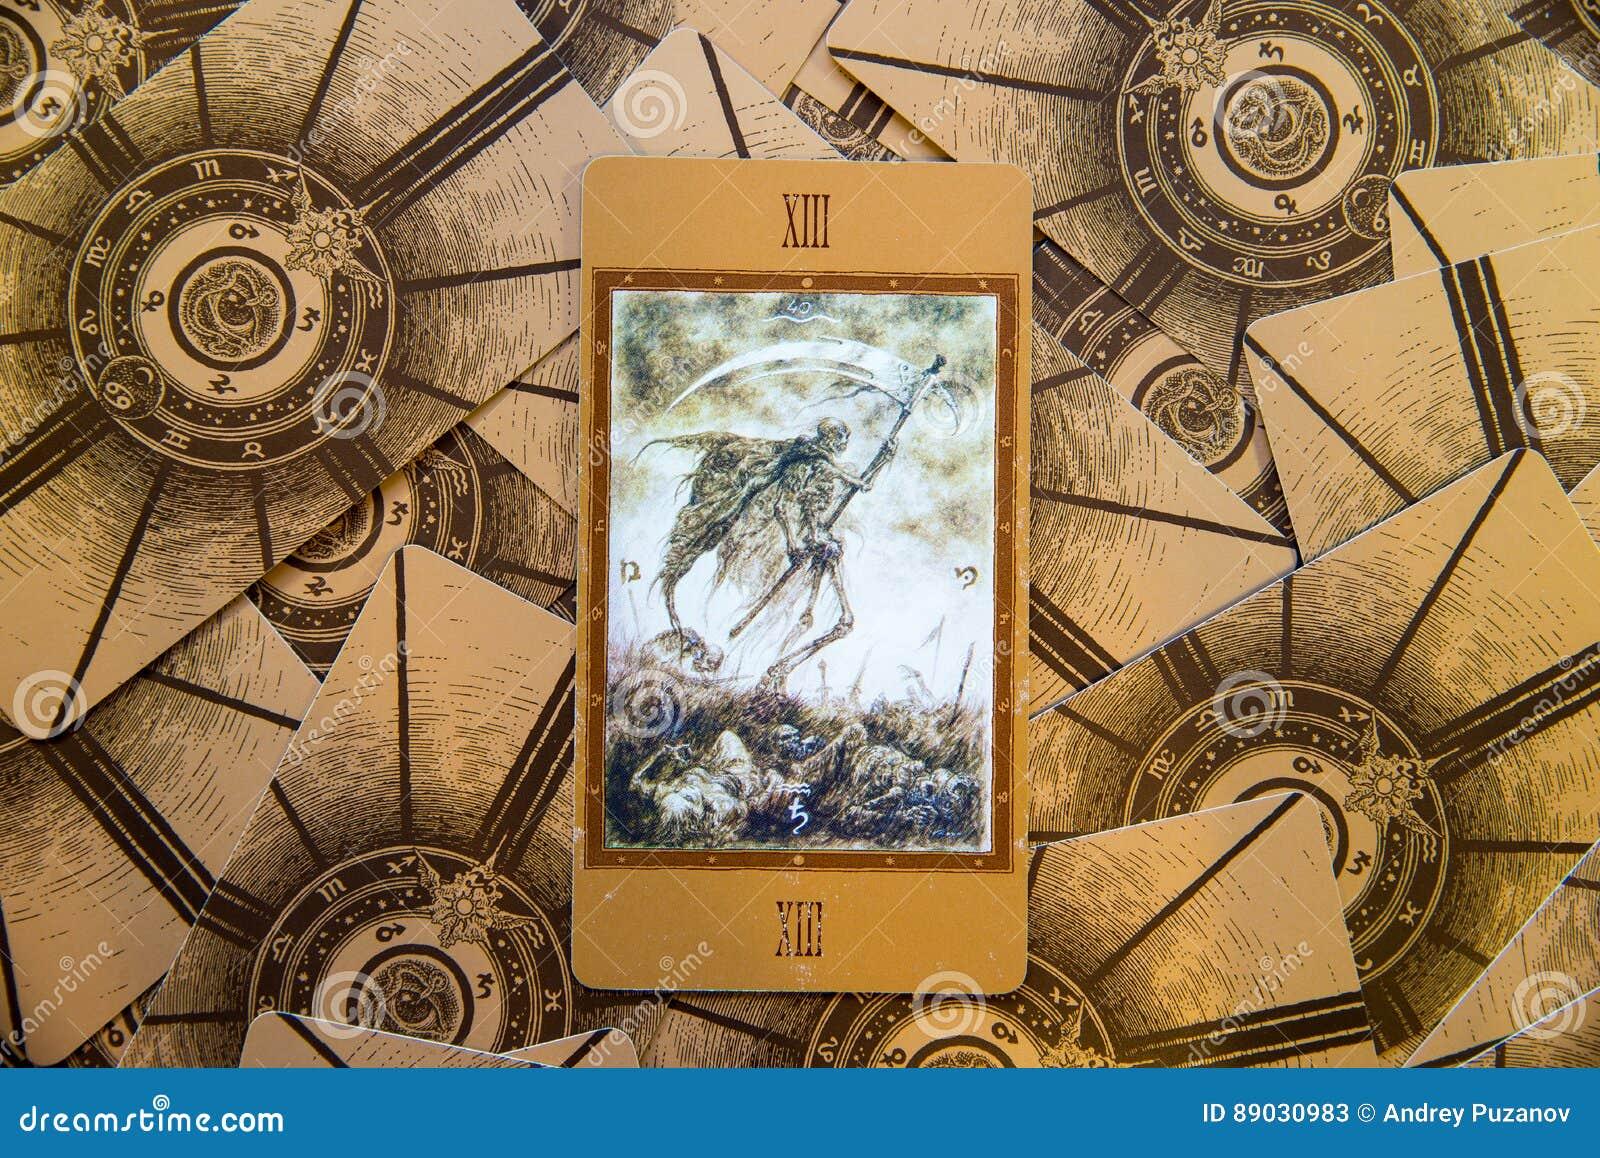 Tarot Karty Smierc Labirinth Tarot Poklad Ezoteryk Tlo Zdjecie Stock